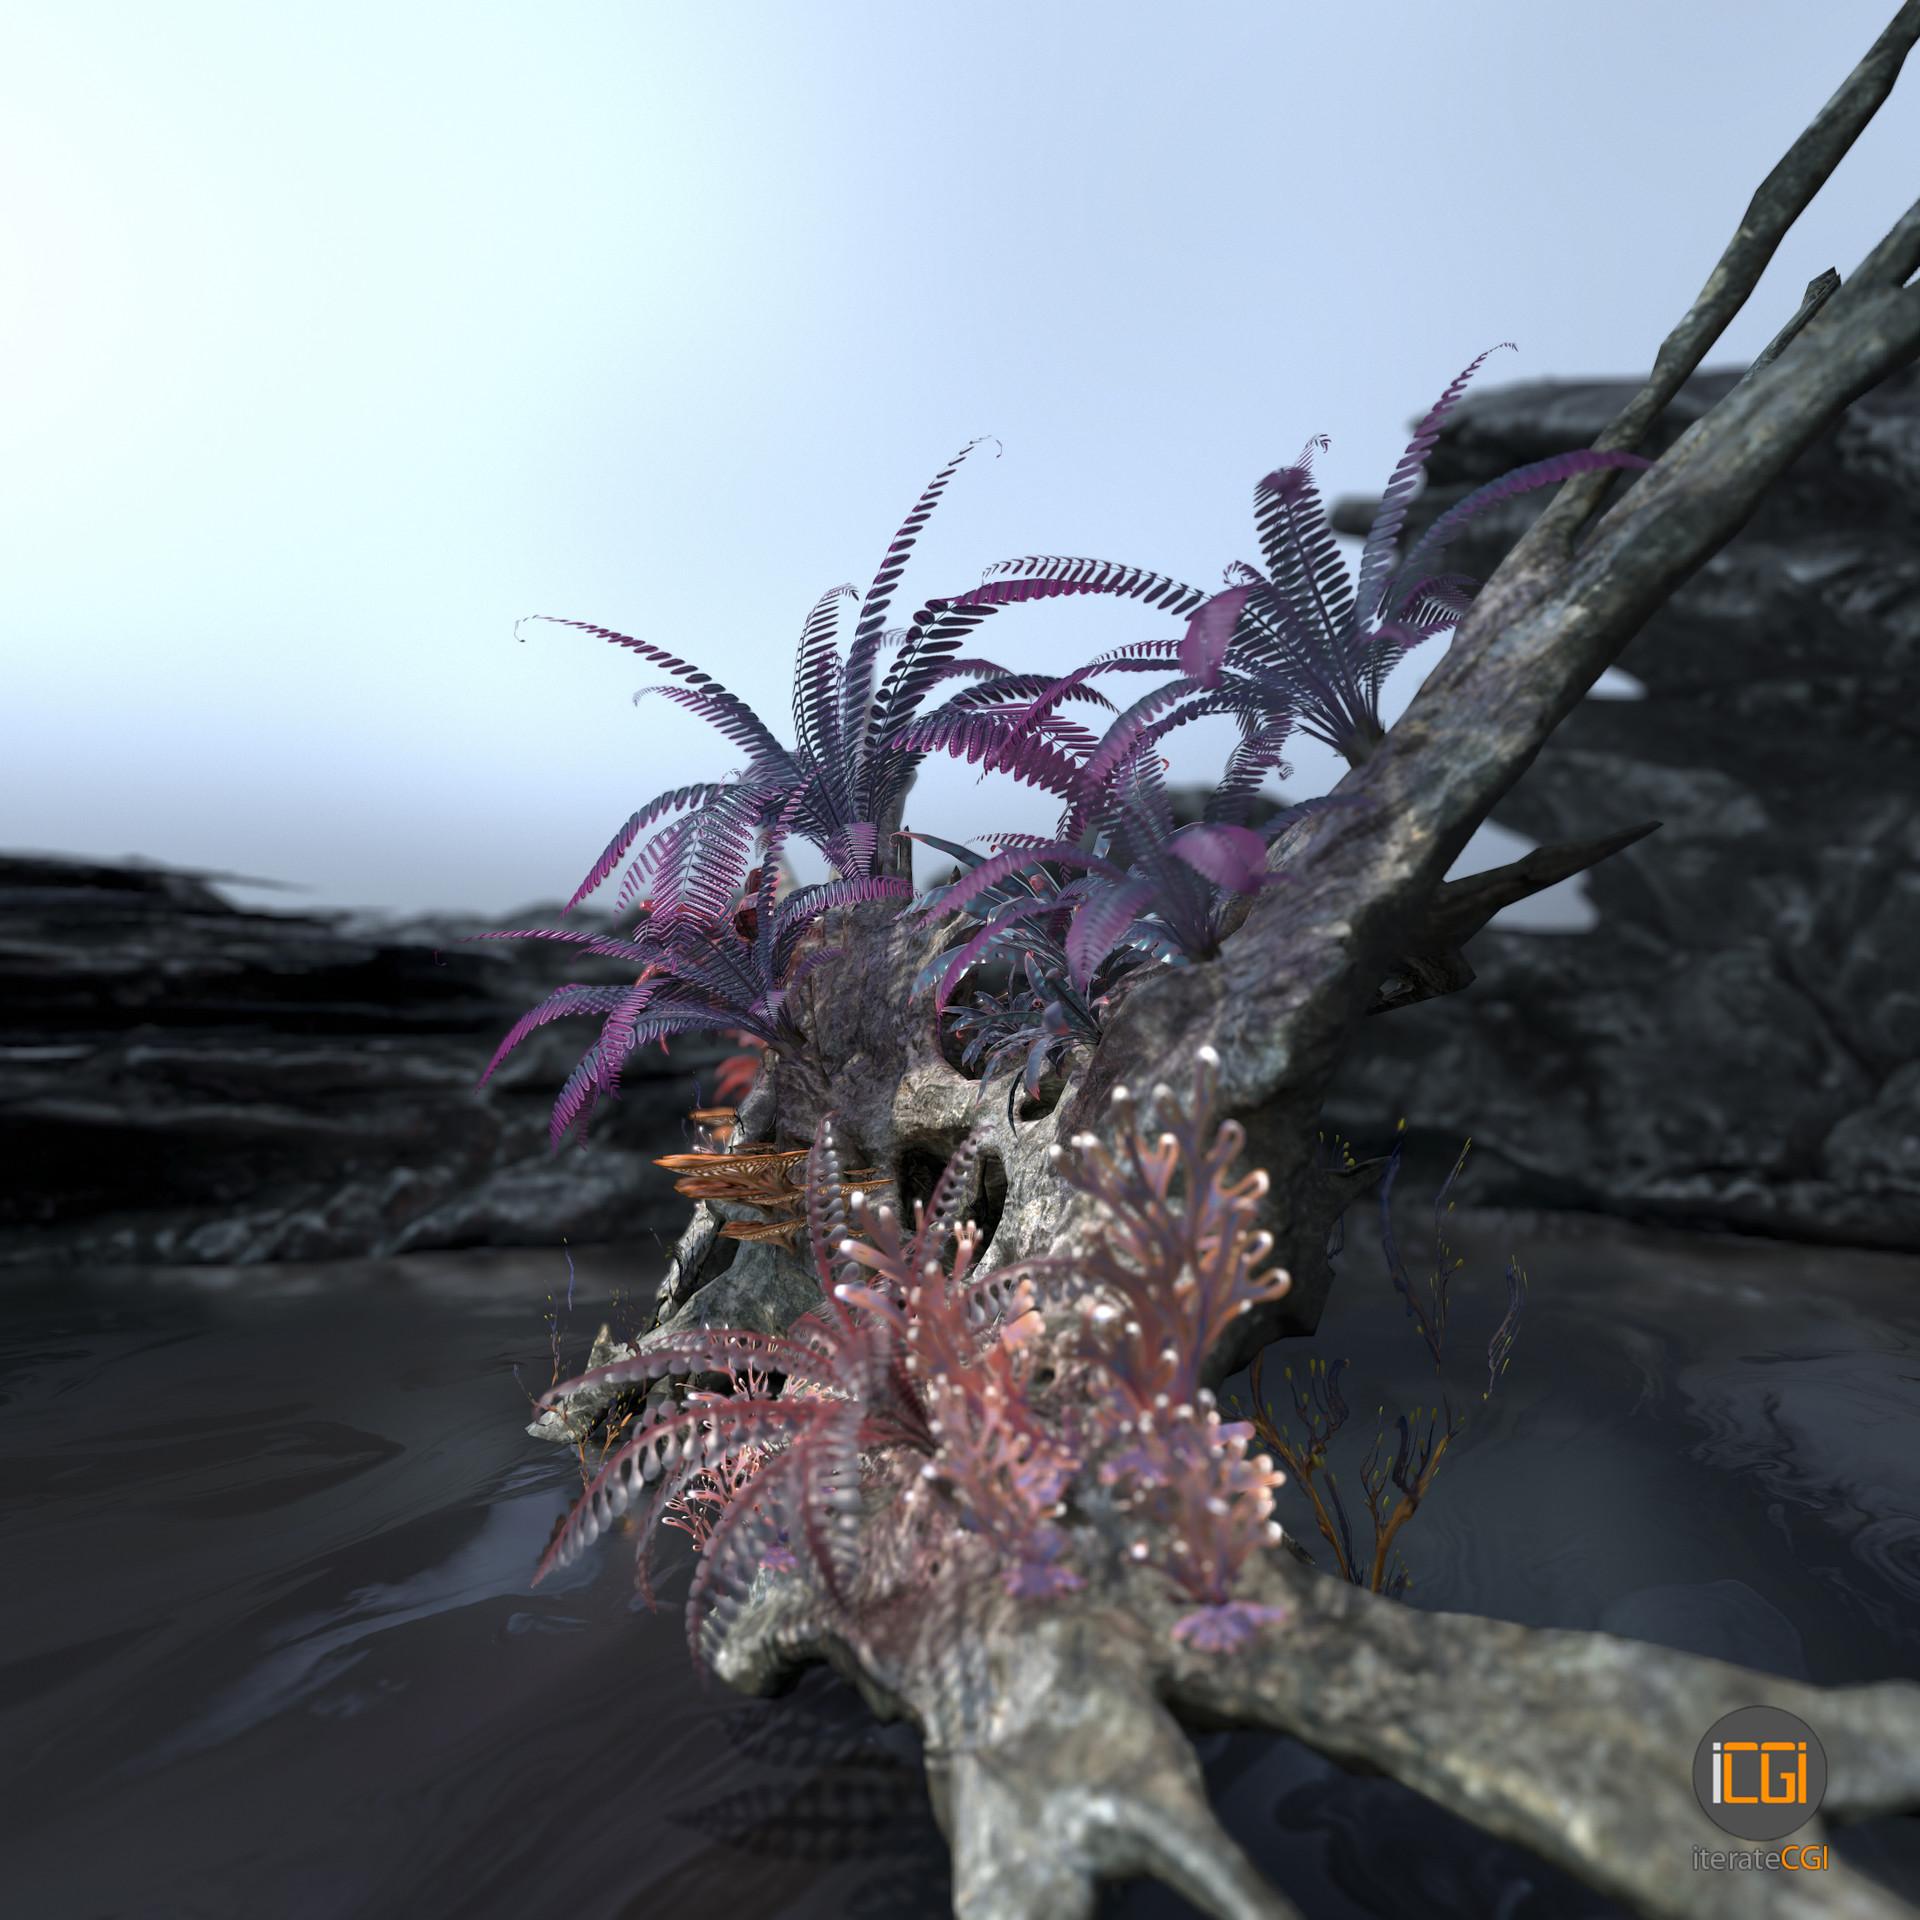 Johan de leenheer alien plant collection4